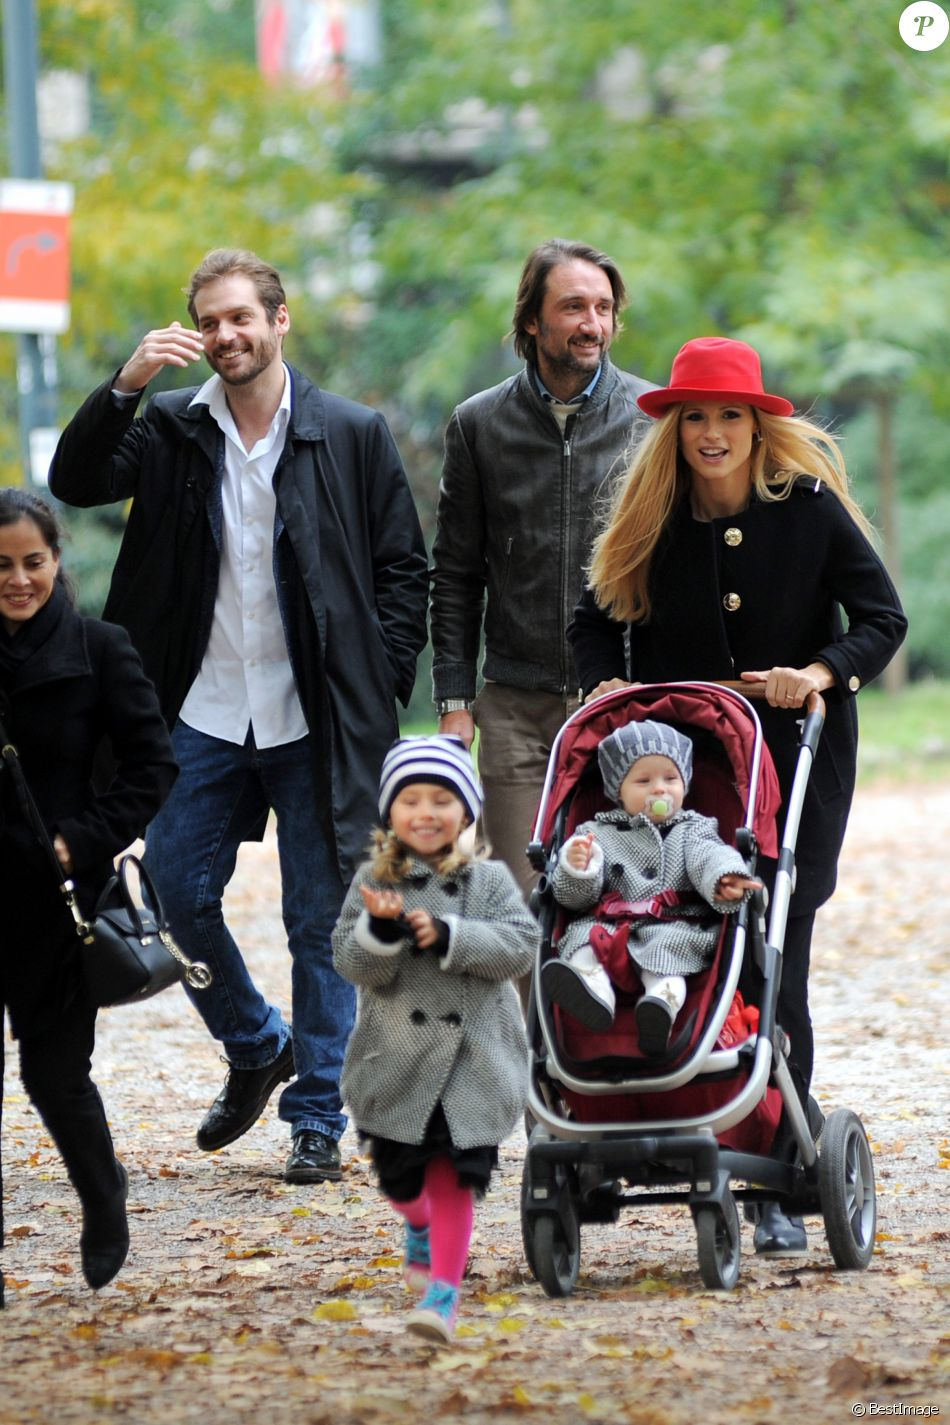 Michelle Hunziker avec son mari Tomaso Trussardi et leurs filles, Celeste et Sole, ainsi que des amis se rendent au musée d'histoire naturel de Milan le 22 octobre 2016.